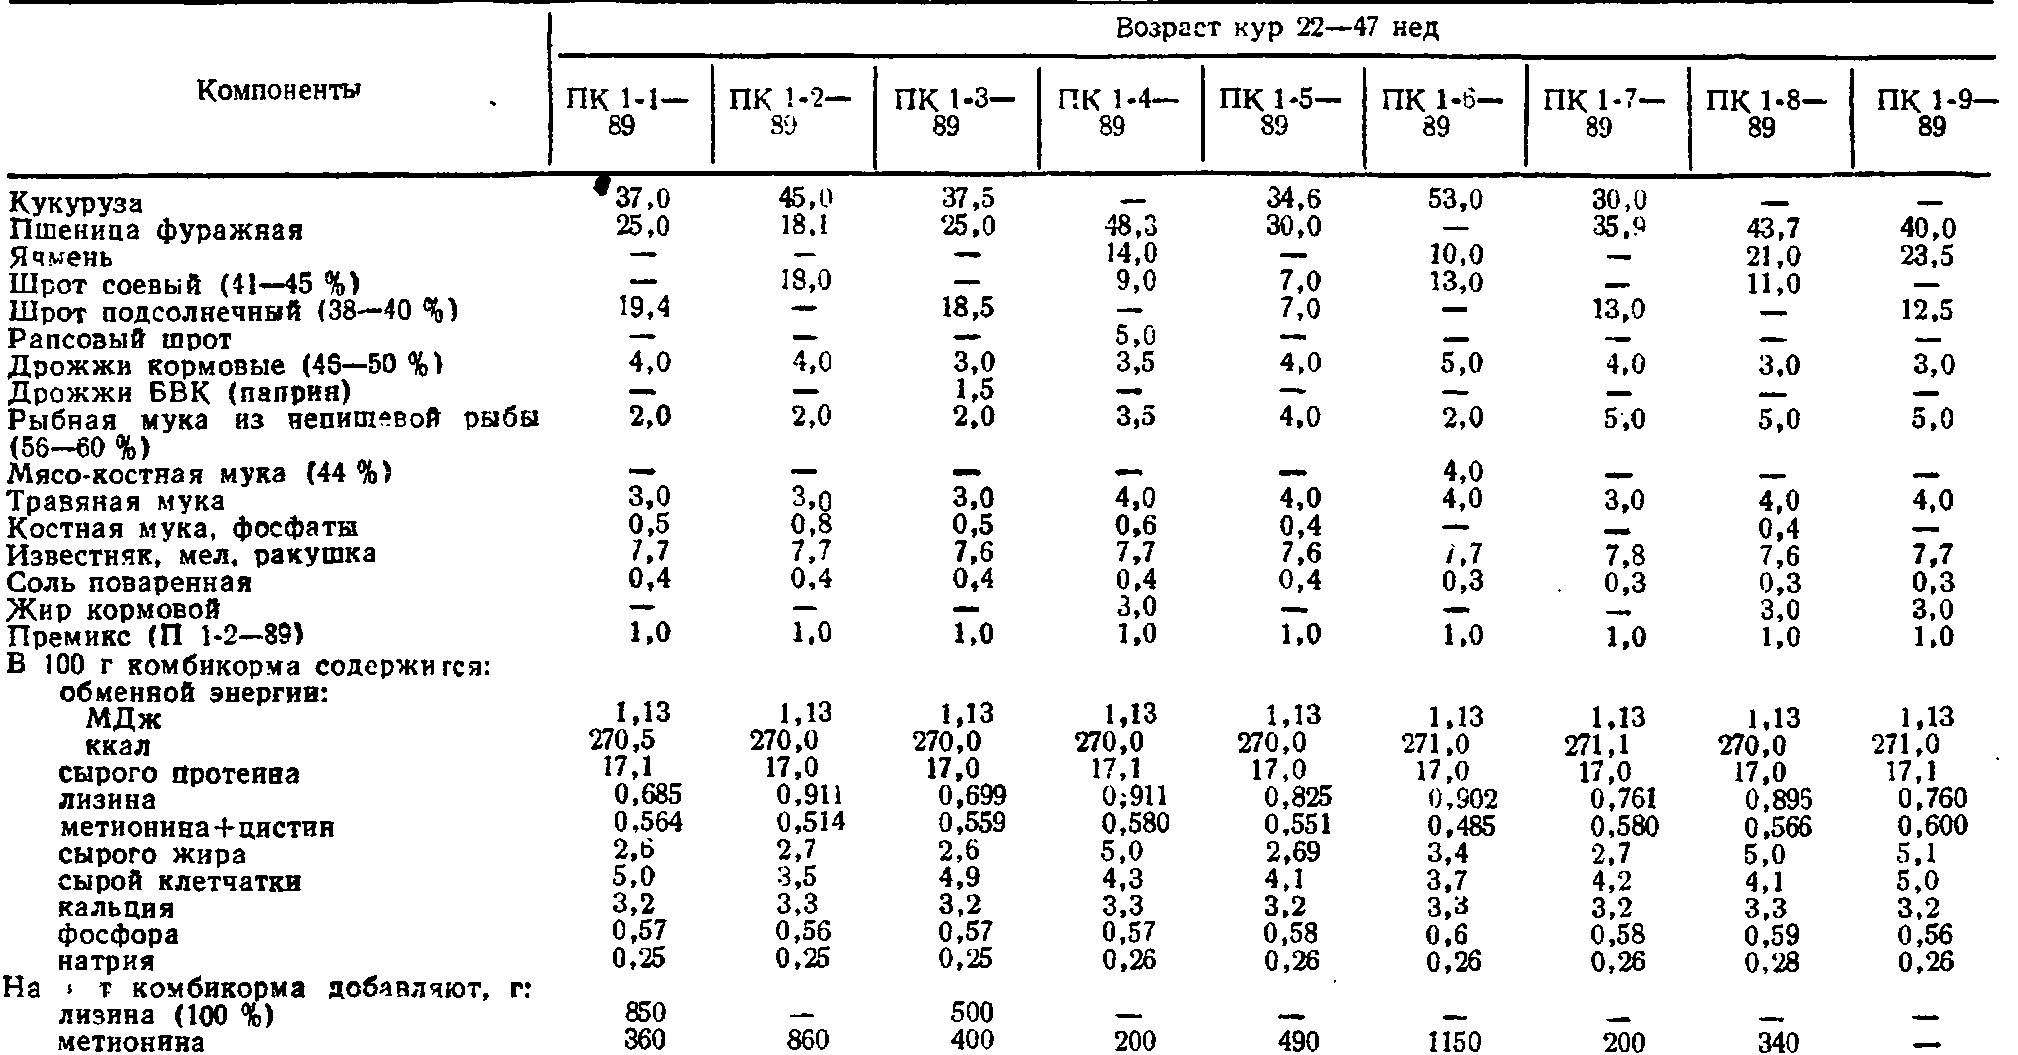 Особенности использования комбикорма для кур-несушек. нормы для молодняка и взрослых птиц, возможность запаривания корма